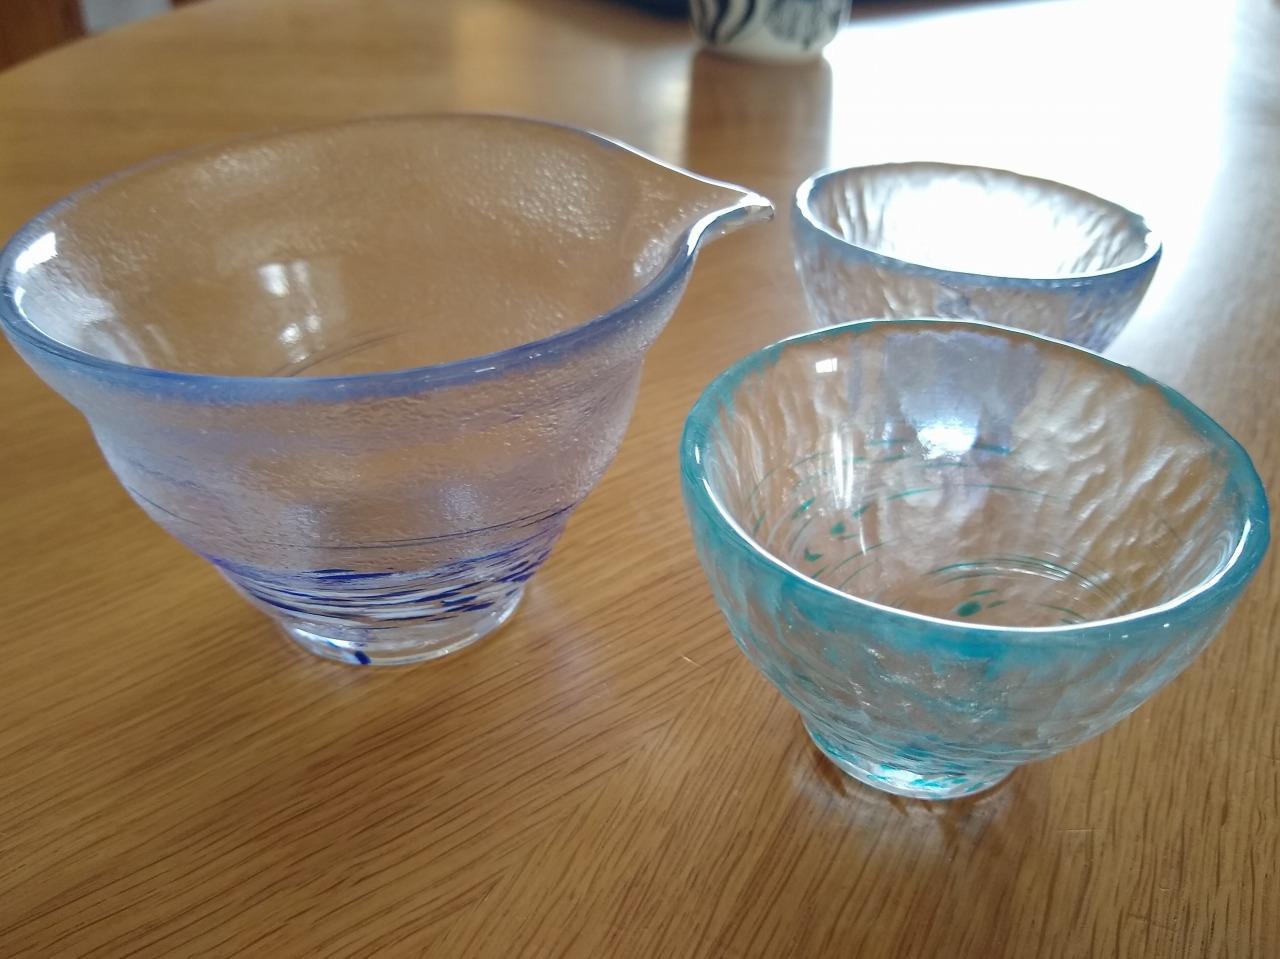 3coinsの酒器グラス